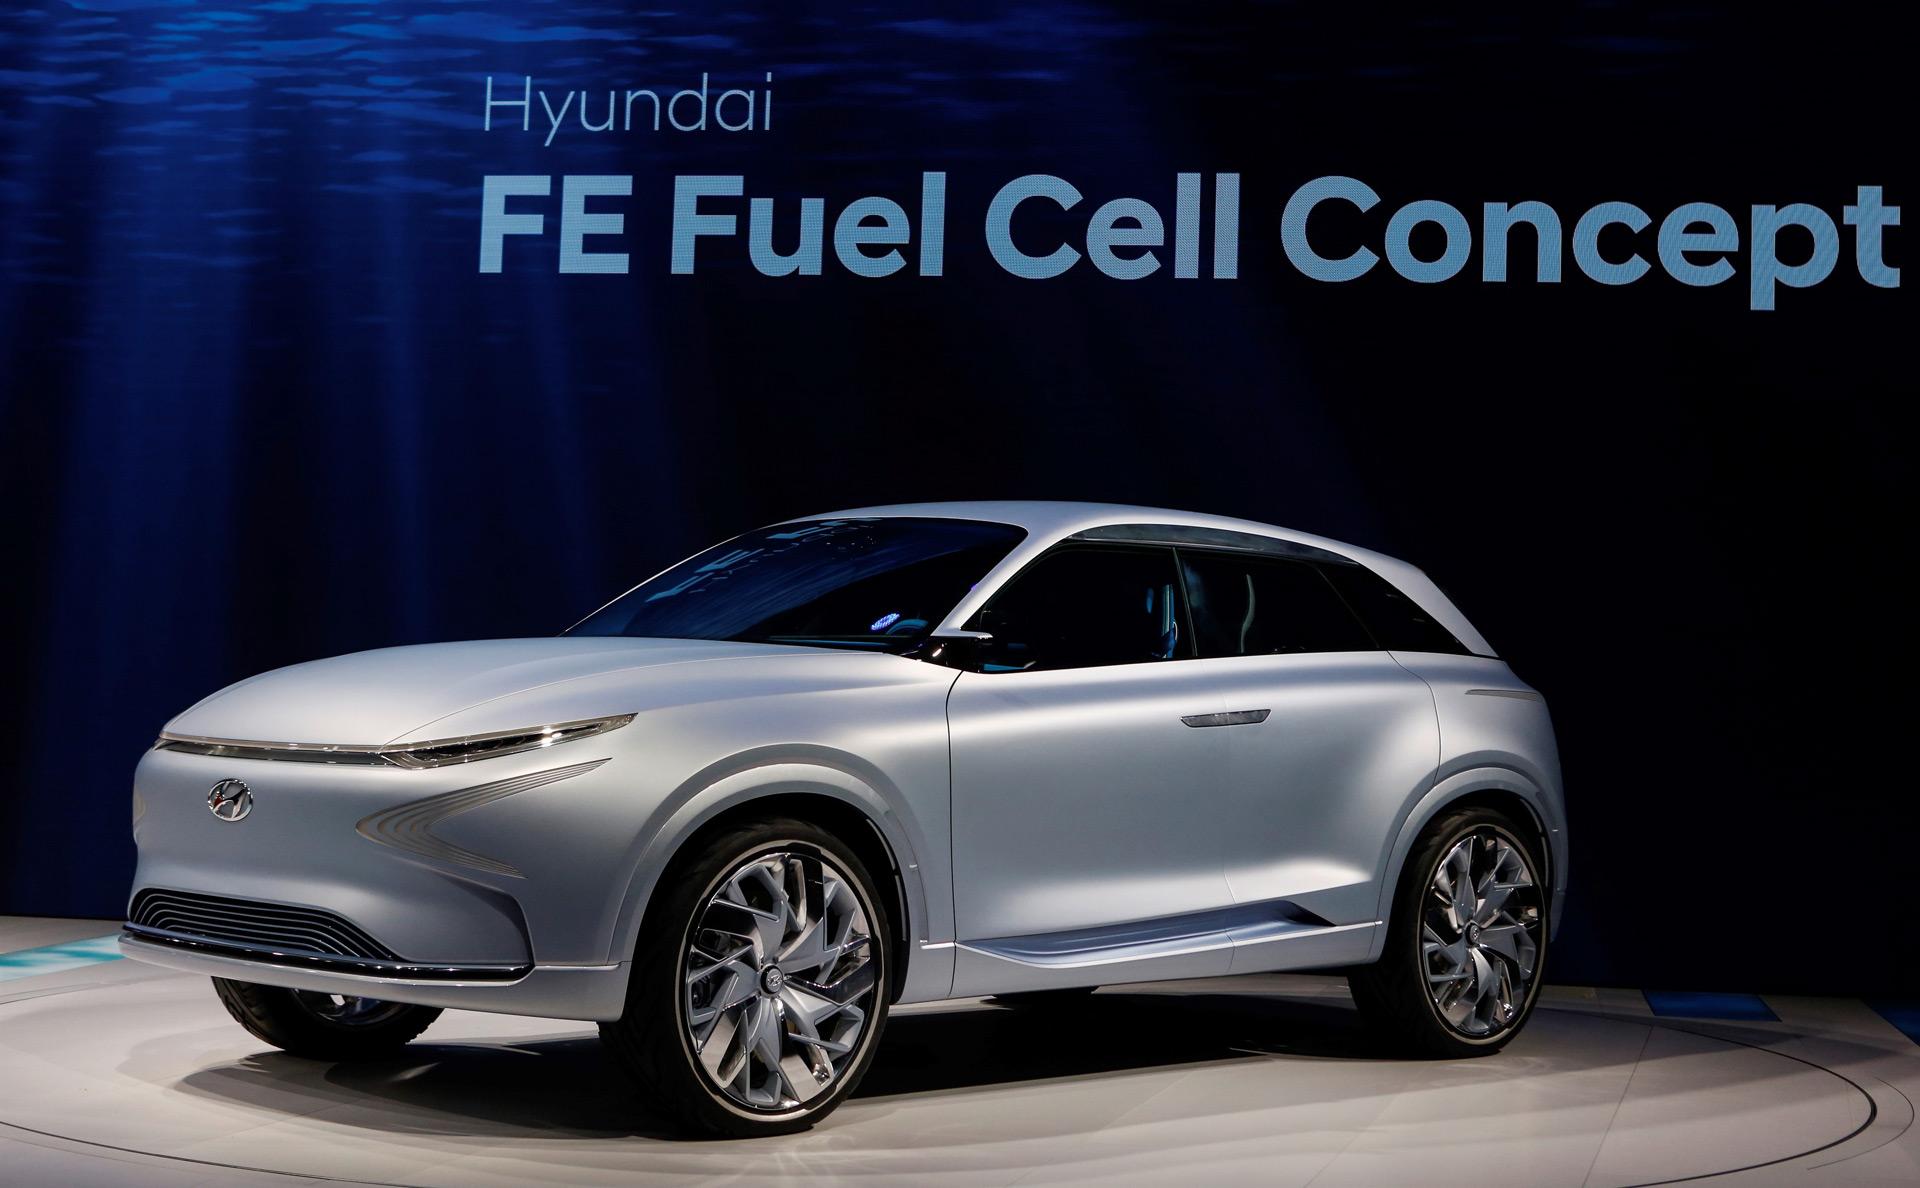 Minimalista, respetuoso con la naturaleza, de donde se inspira y diseño futurista el Hyundai FE Fuel Cell Concept tendría más de 800 Kilómetros de autonomía limpia.